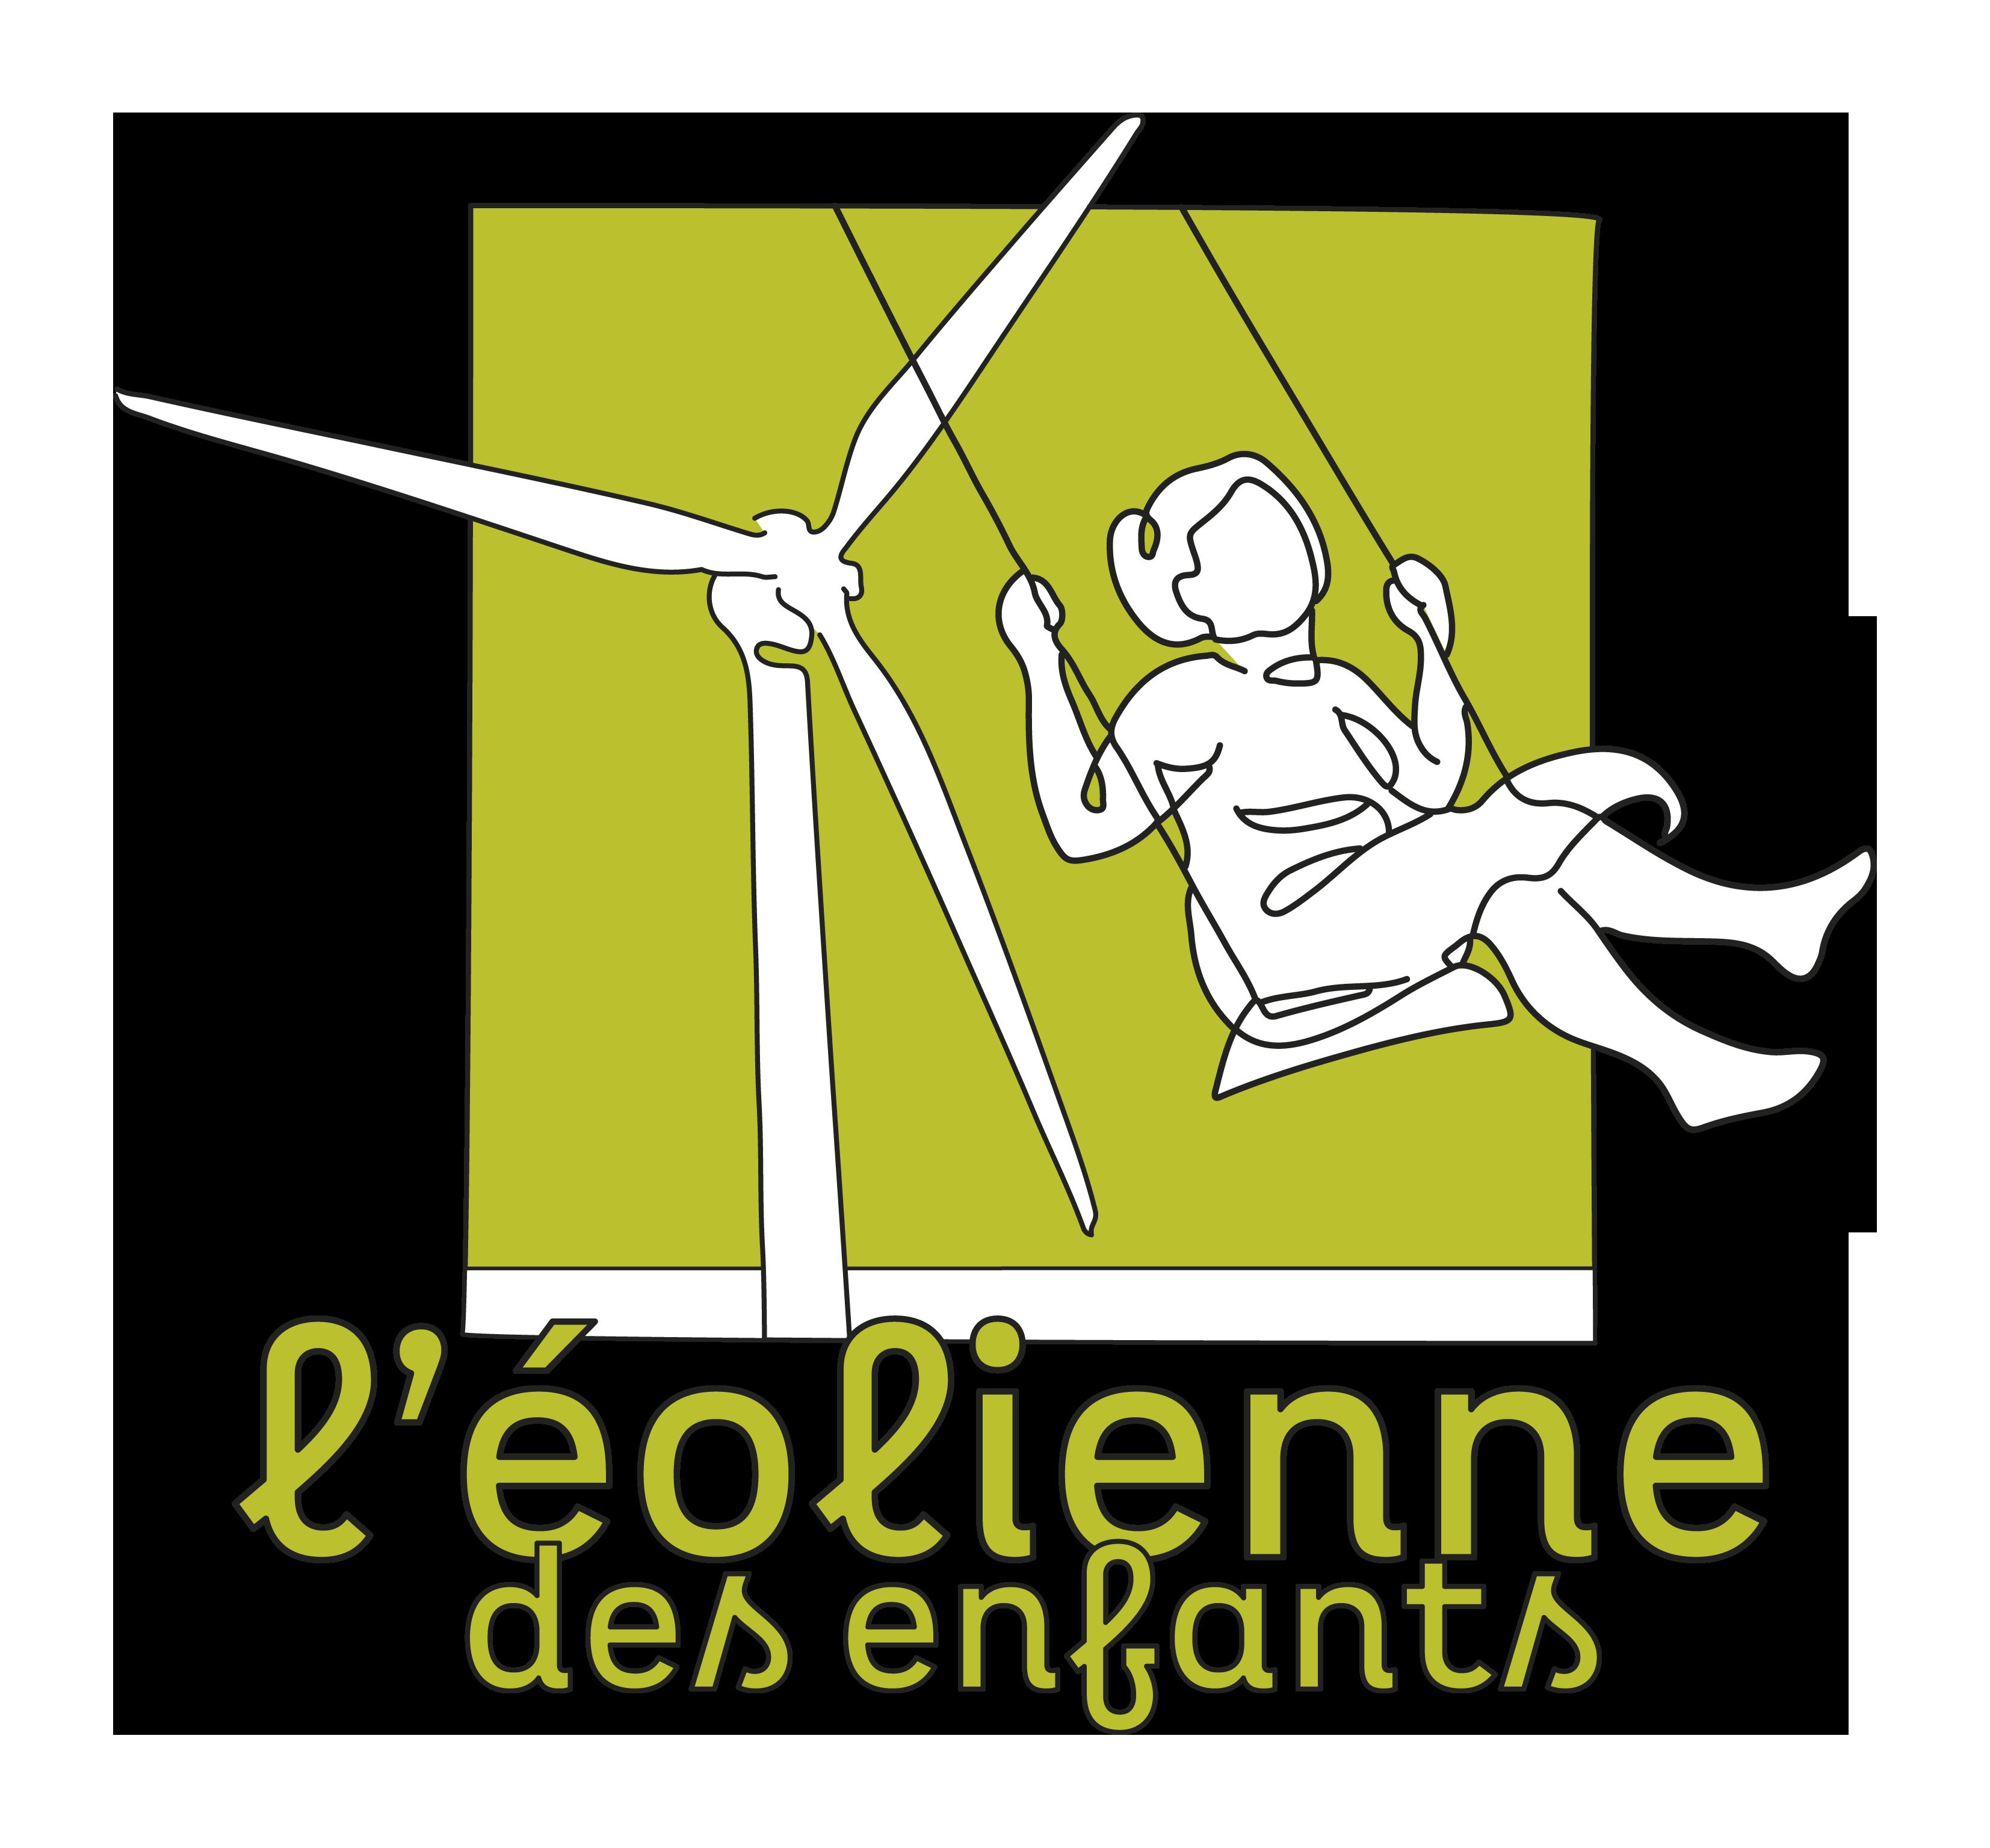 Coopérative de L'éolienne des enfants